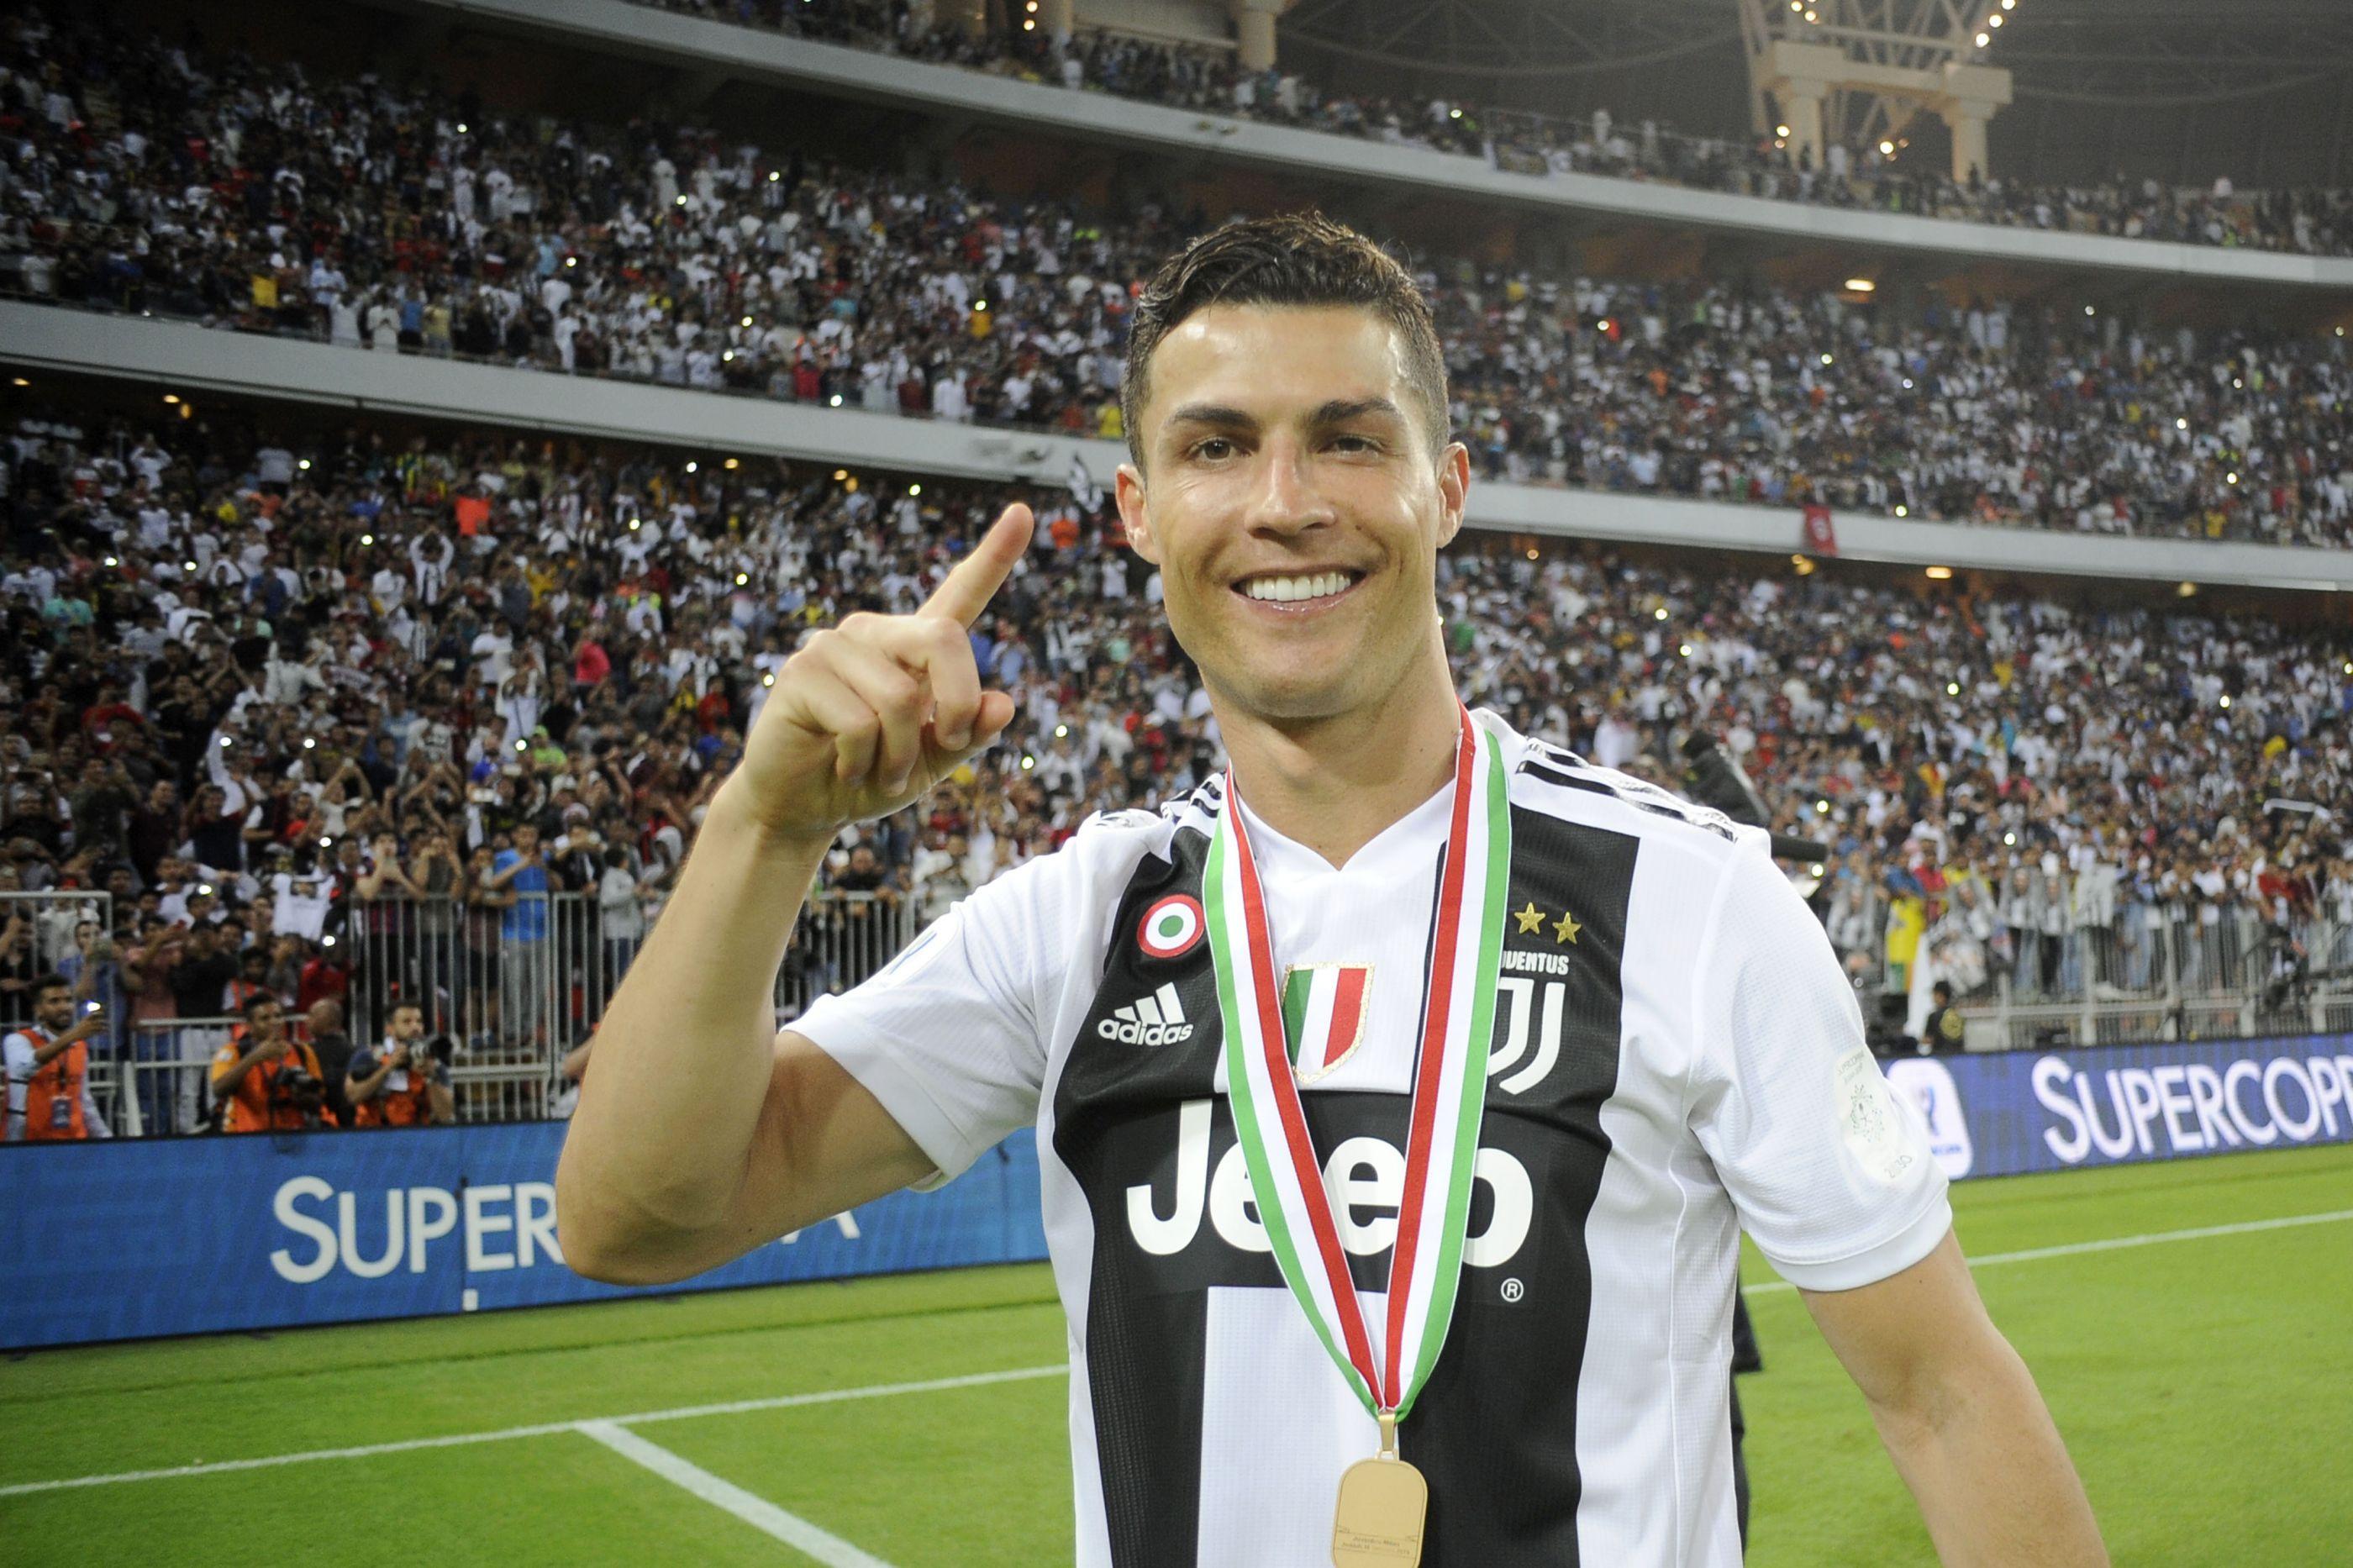 Ronaldo continua a fazer história e junta-se a lote restrito